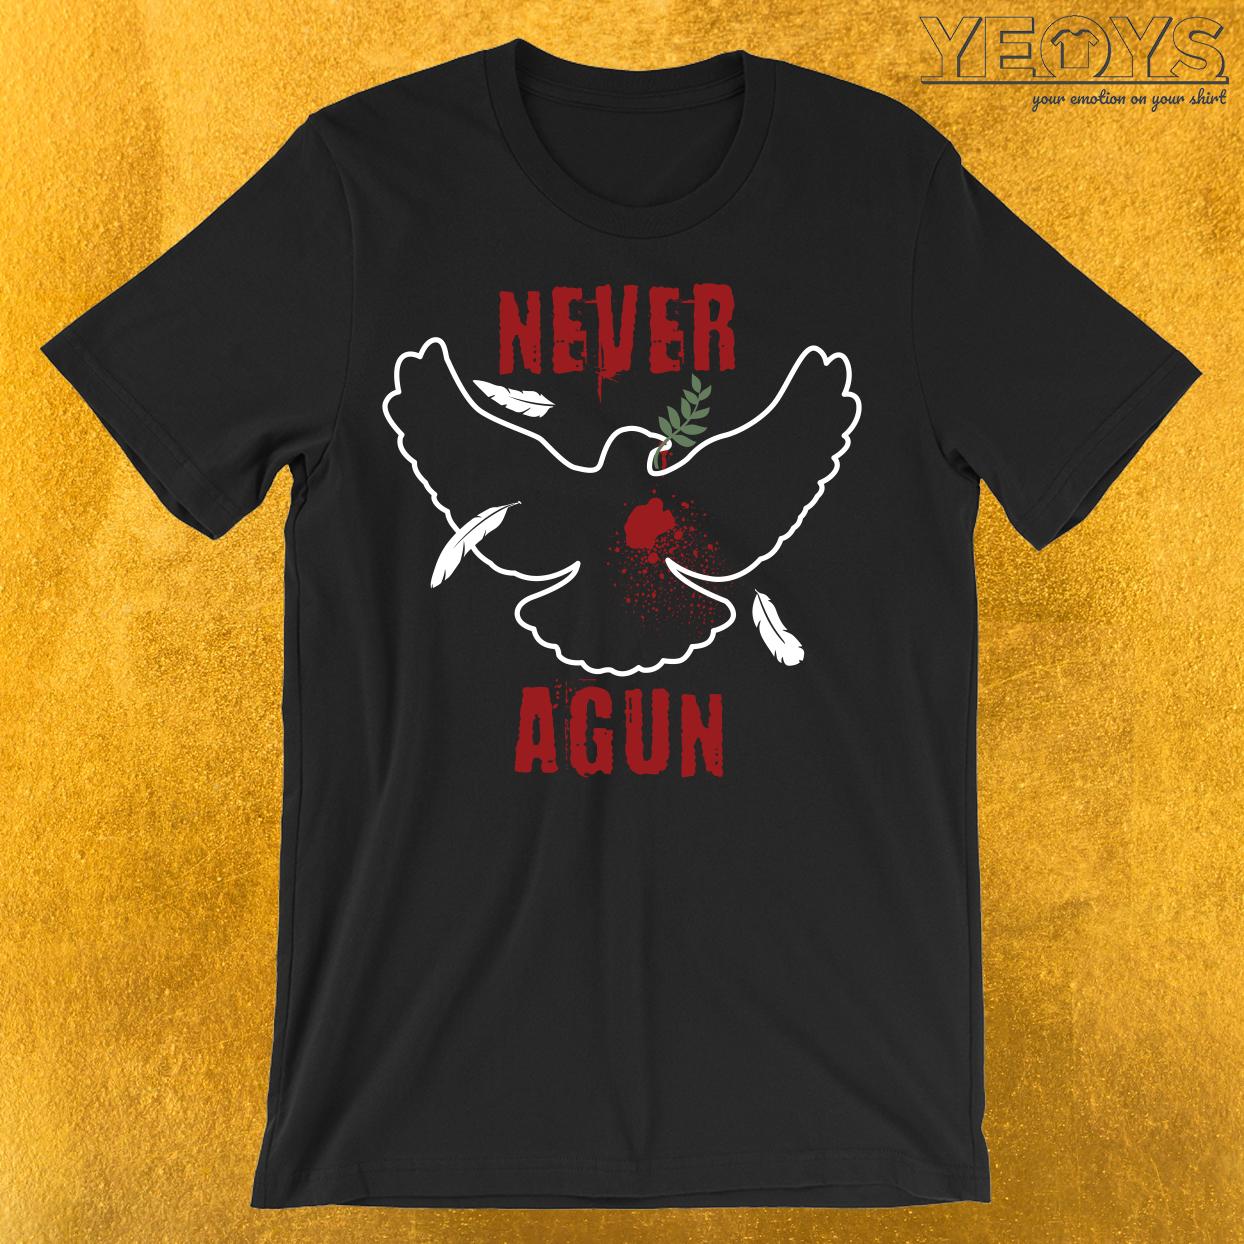 Never Agun T-Shirt